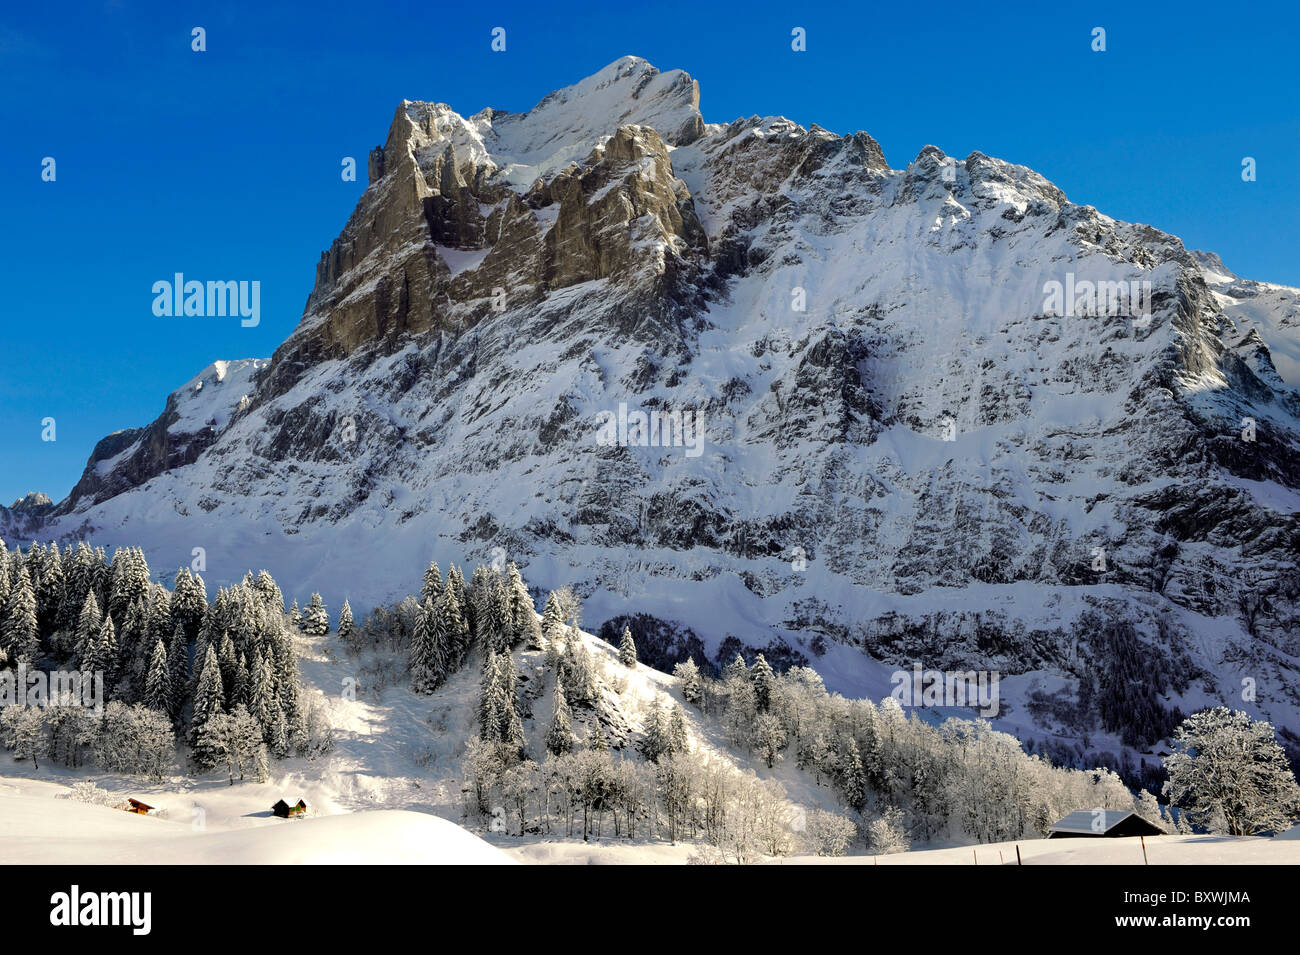 Sur les pistes des Alpes à la recherche vers le Wetterhorn. Alpes Suisses, Suisse Photo Stock